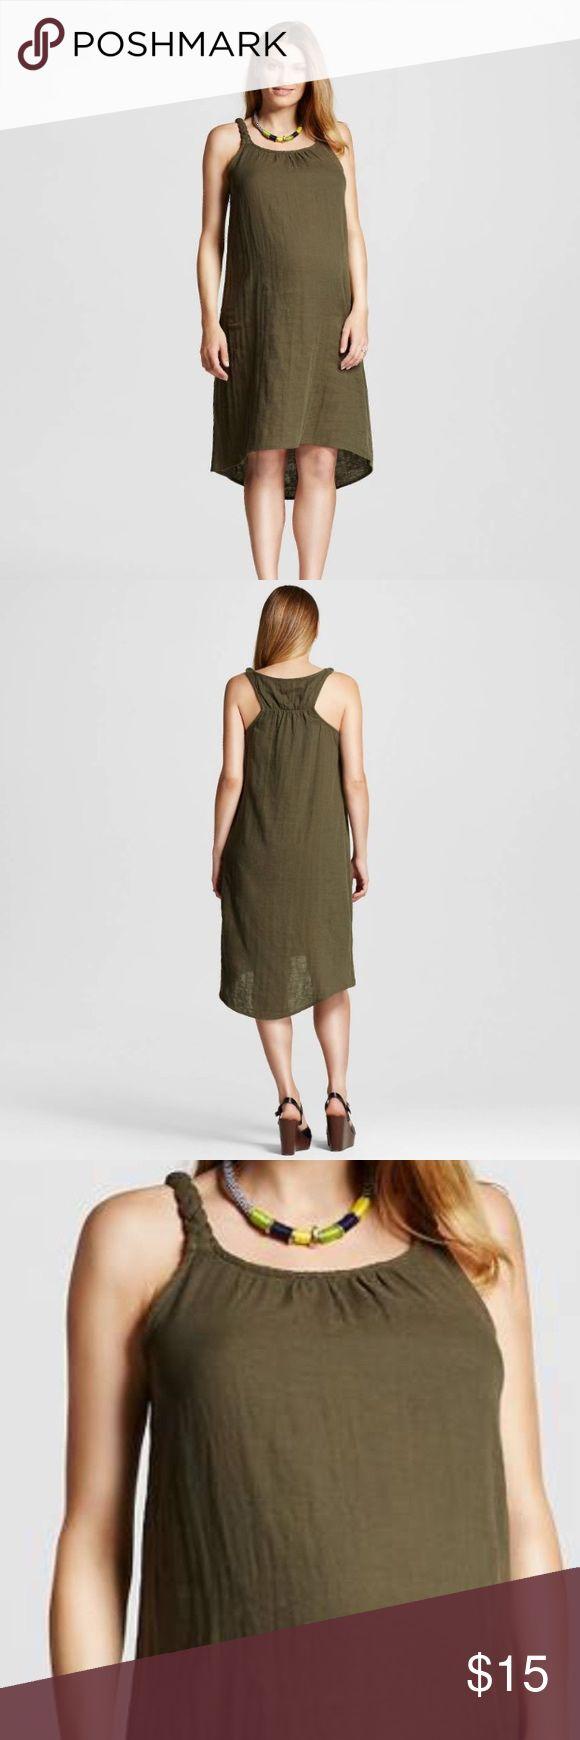 Mer enn 25 bra ideer om green maternity dresses p pinterest liz lange olive green maternity dress nice color for fall expecting mommies the color ombrellifo Images